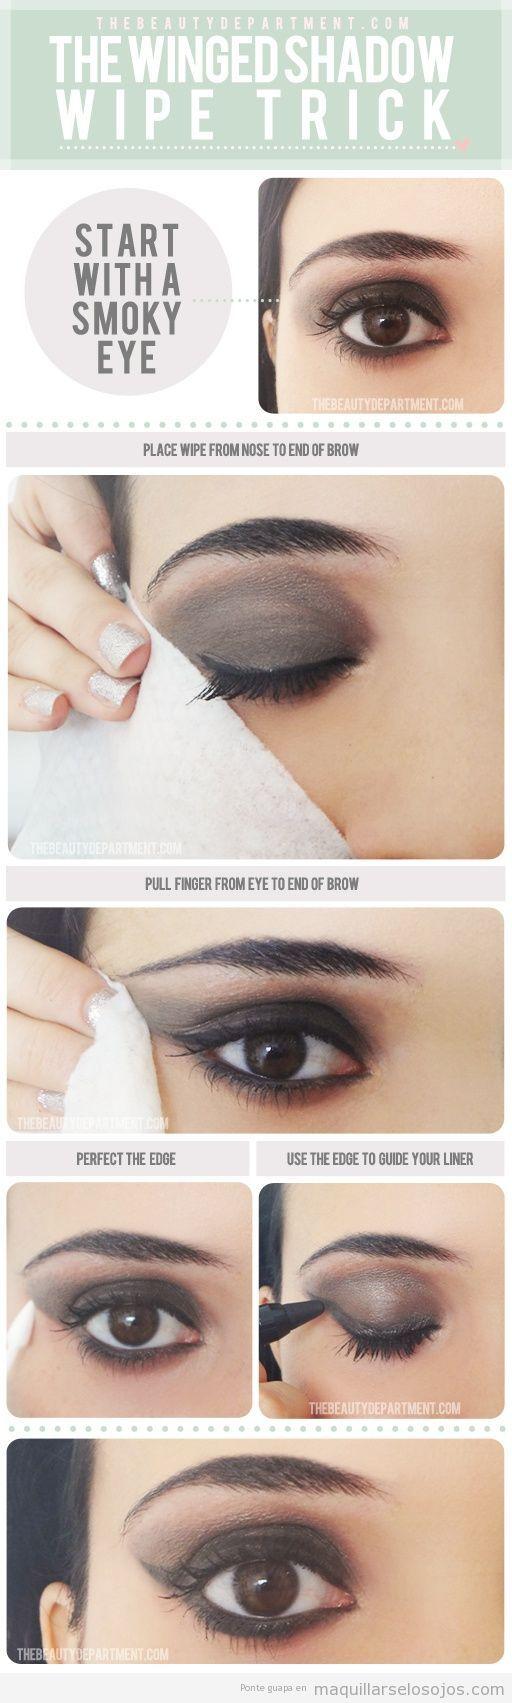 Maquillaje de ojos con sombra efecto alado, un truco estupendo!   Maquillarse los ojos   Todo para aprender cómo maquillarse los ojos